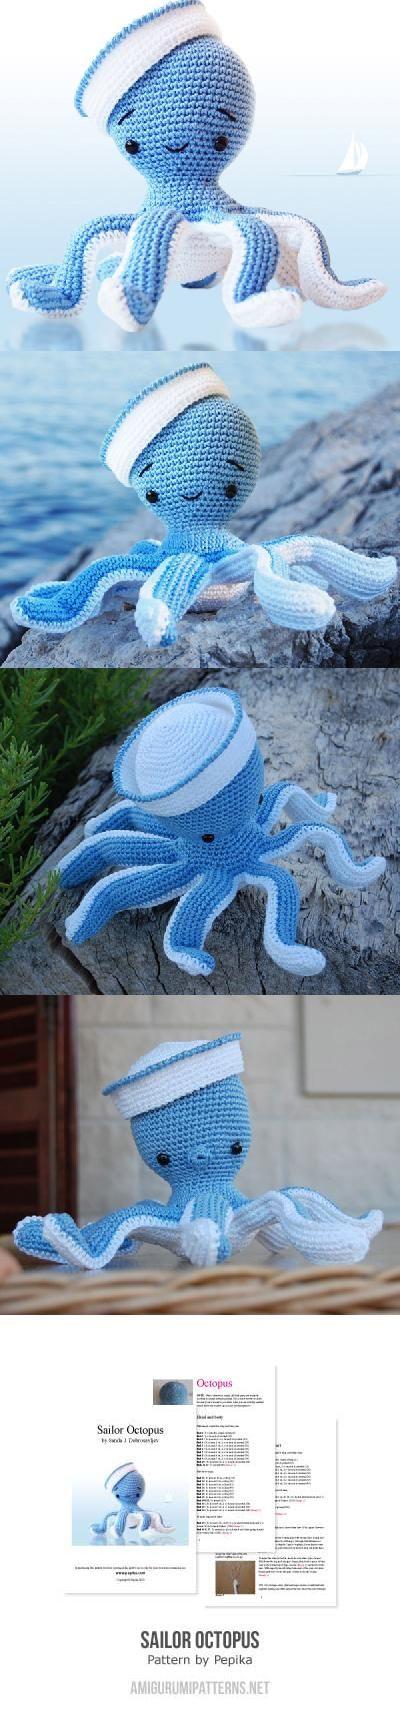 Sailor Octopus amigurumi pattern by Pepika | Patrones, Tejido y ...